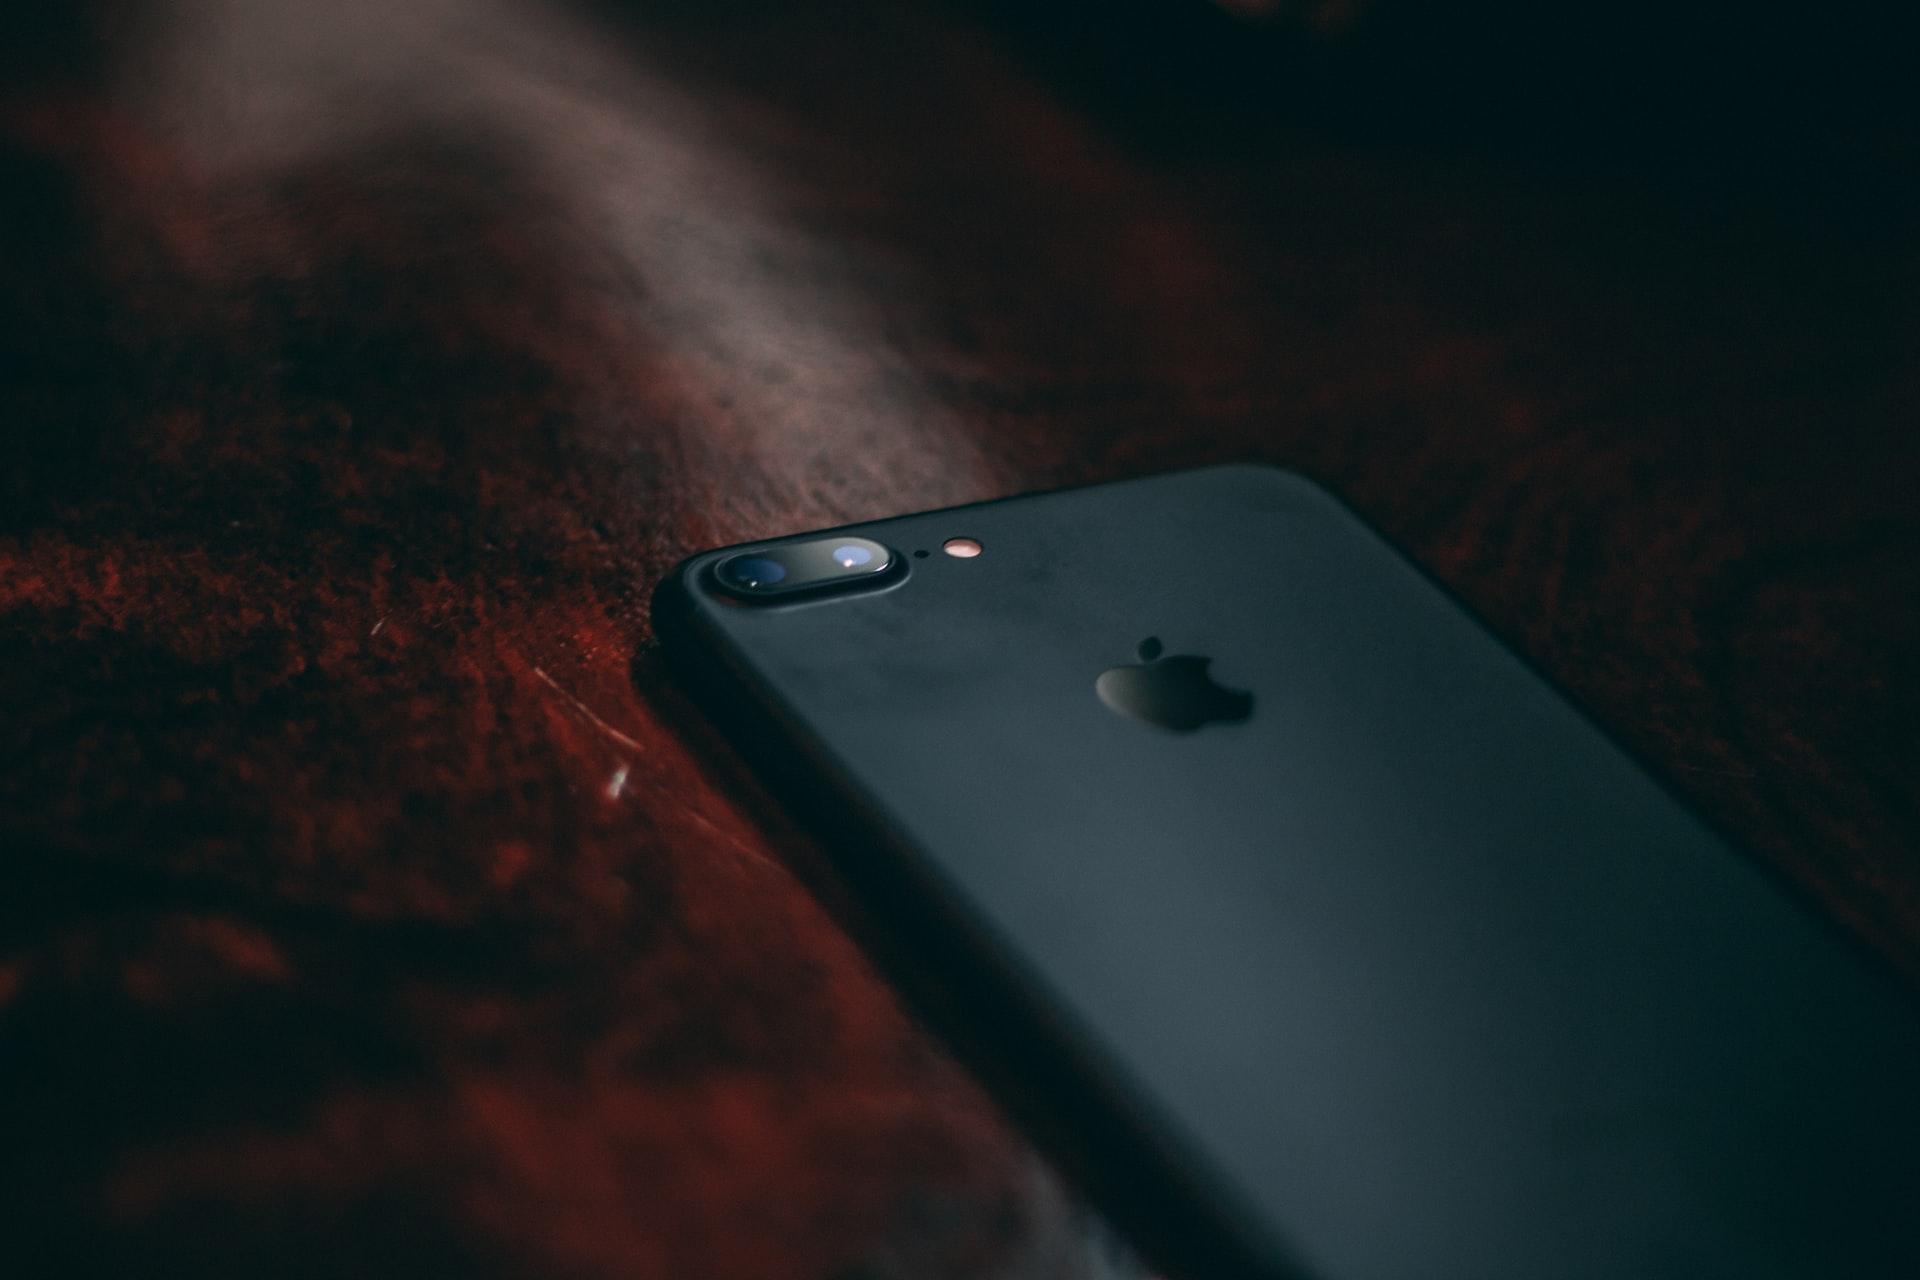 De voordelen van een refurbished iphone 7 plus